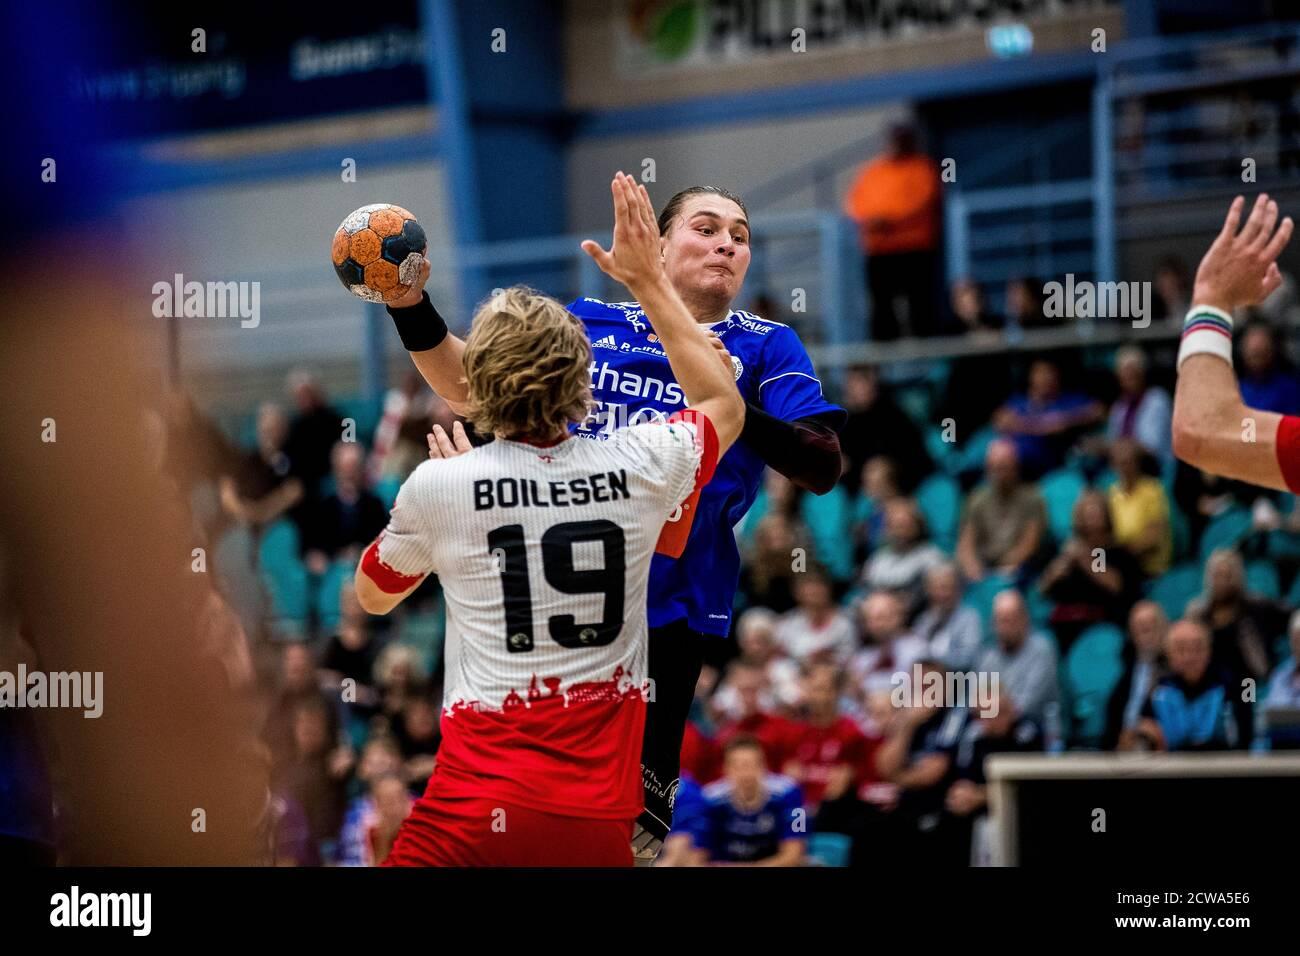 Kolding, Dinamarca. 28 de septiembre de 2020. Nicolaj Norager (88) de Fredericia HK visto en el partido de la liga Danish Men's Handball entre KIF Kolding y Fredericia HK en el Sydbank Arena en Kolding. (Crédito de la foto: Gonzales Photo/Alamy Live News Foto de stock